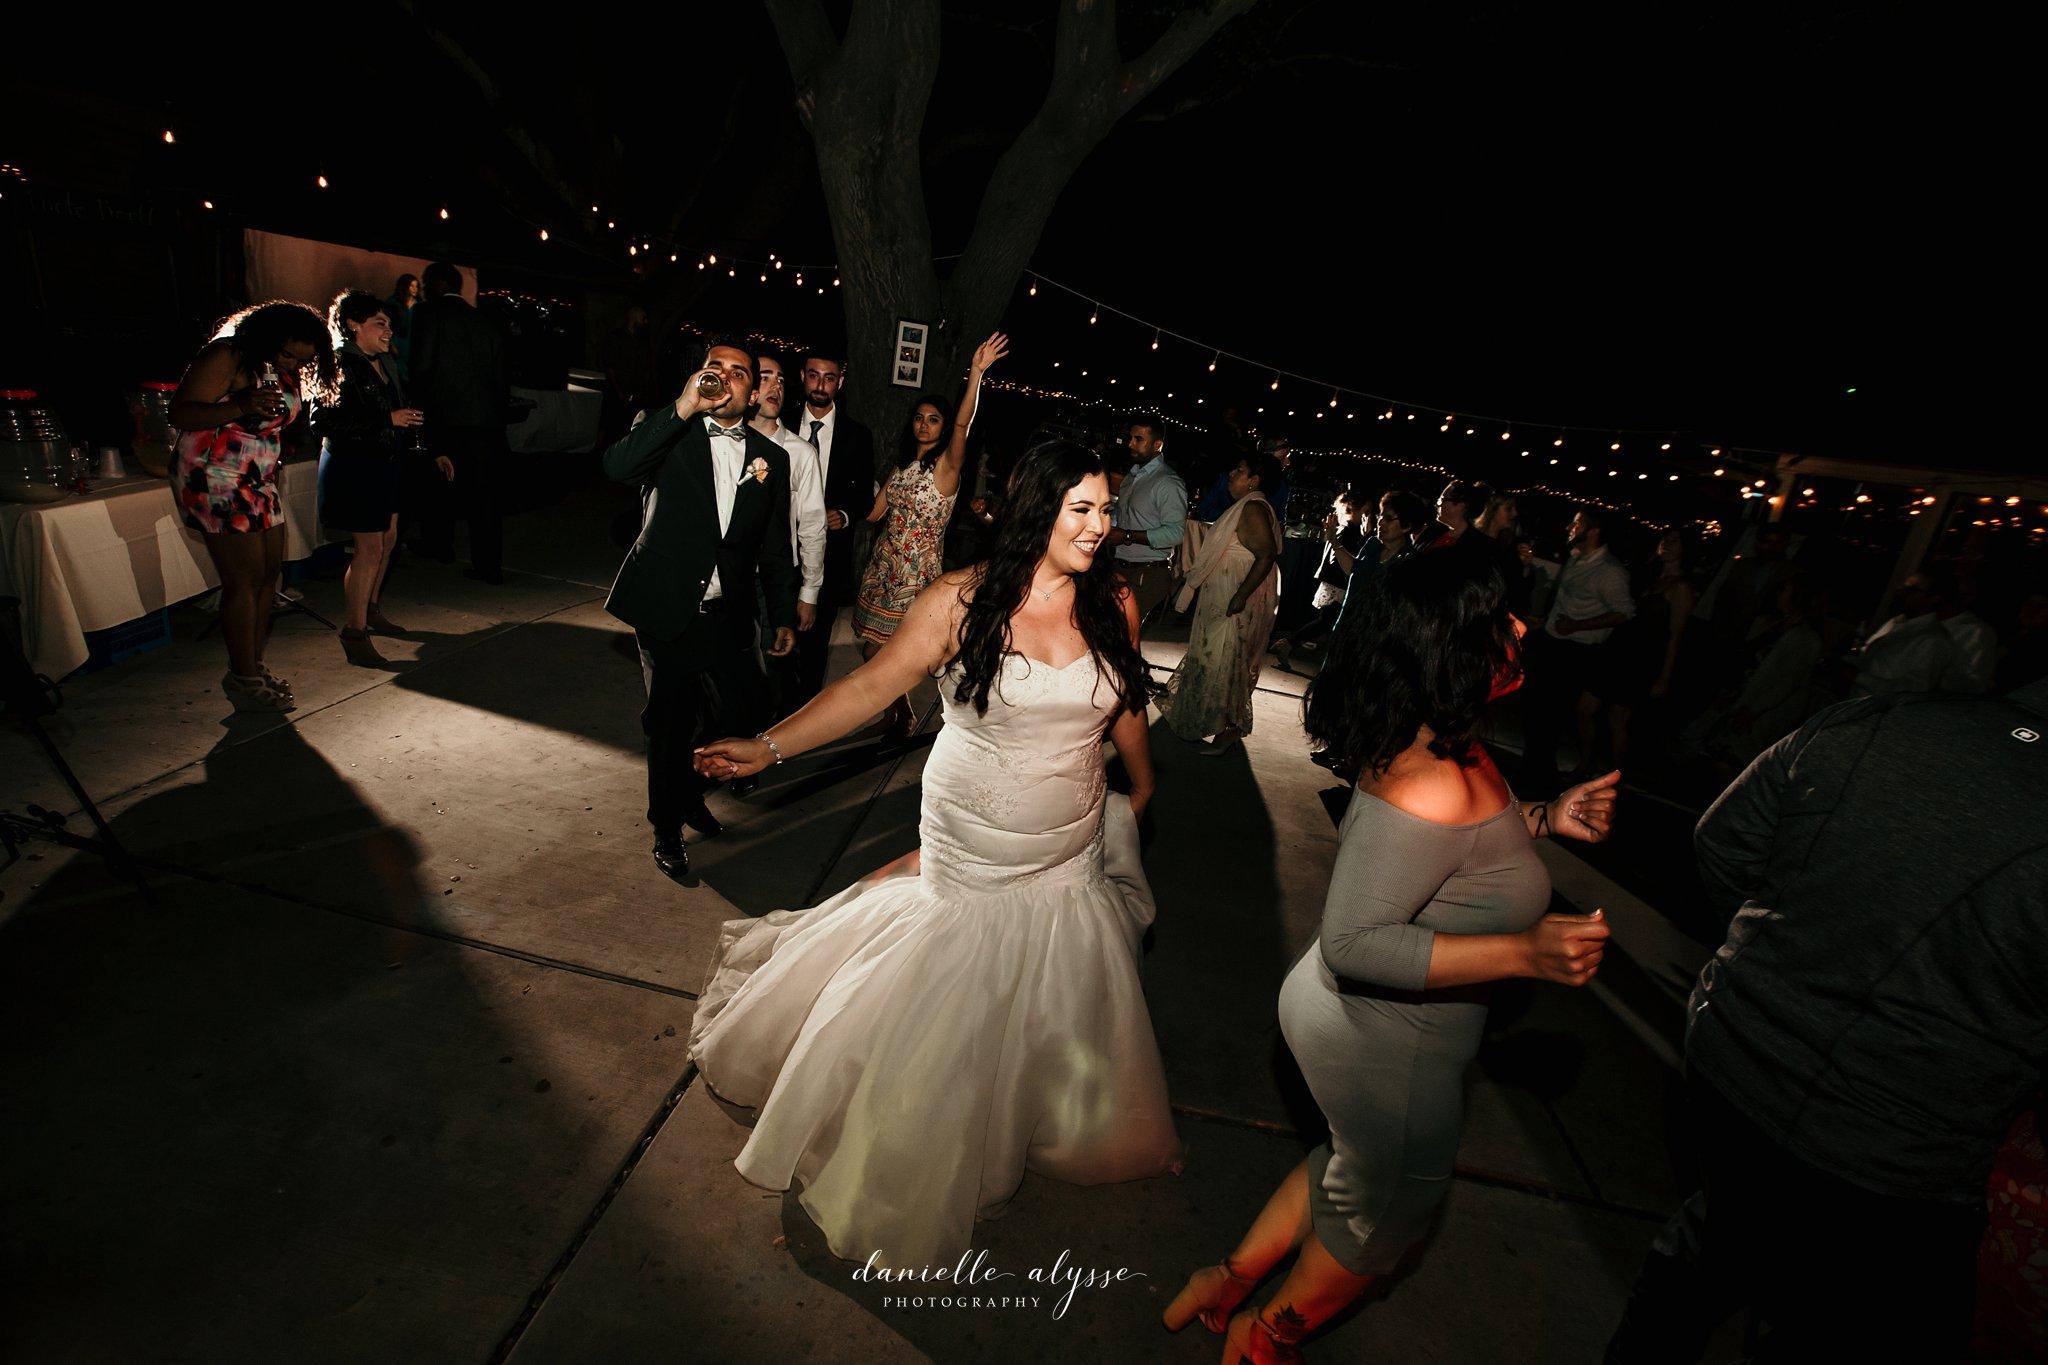 180630_wedding_lily_ryan_mission_soledad_california_danielle_alysse_photography_blog_1307_WEB.jpg